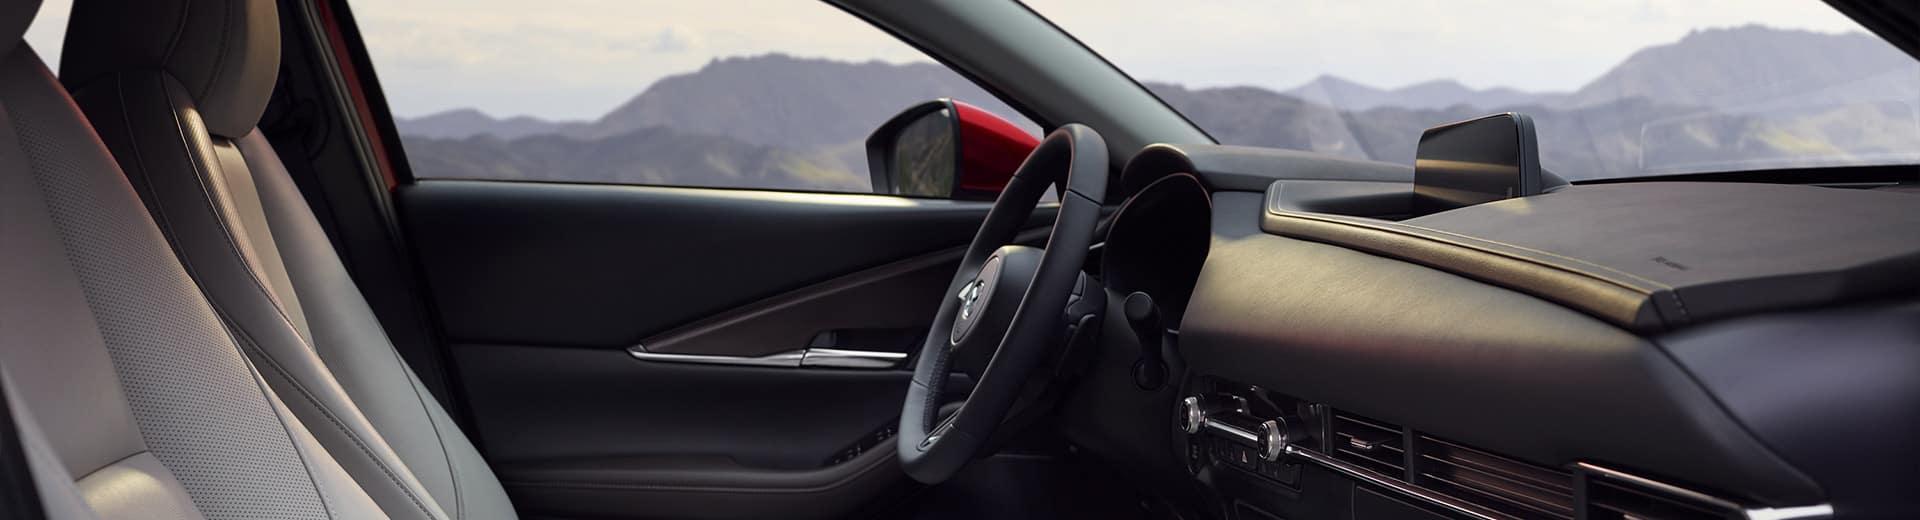 Mazda CX-30 Interior View